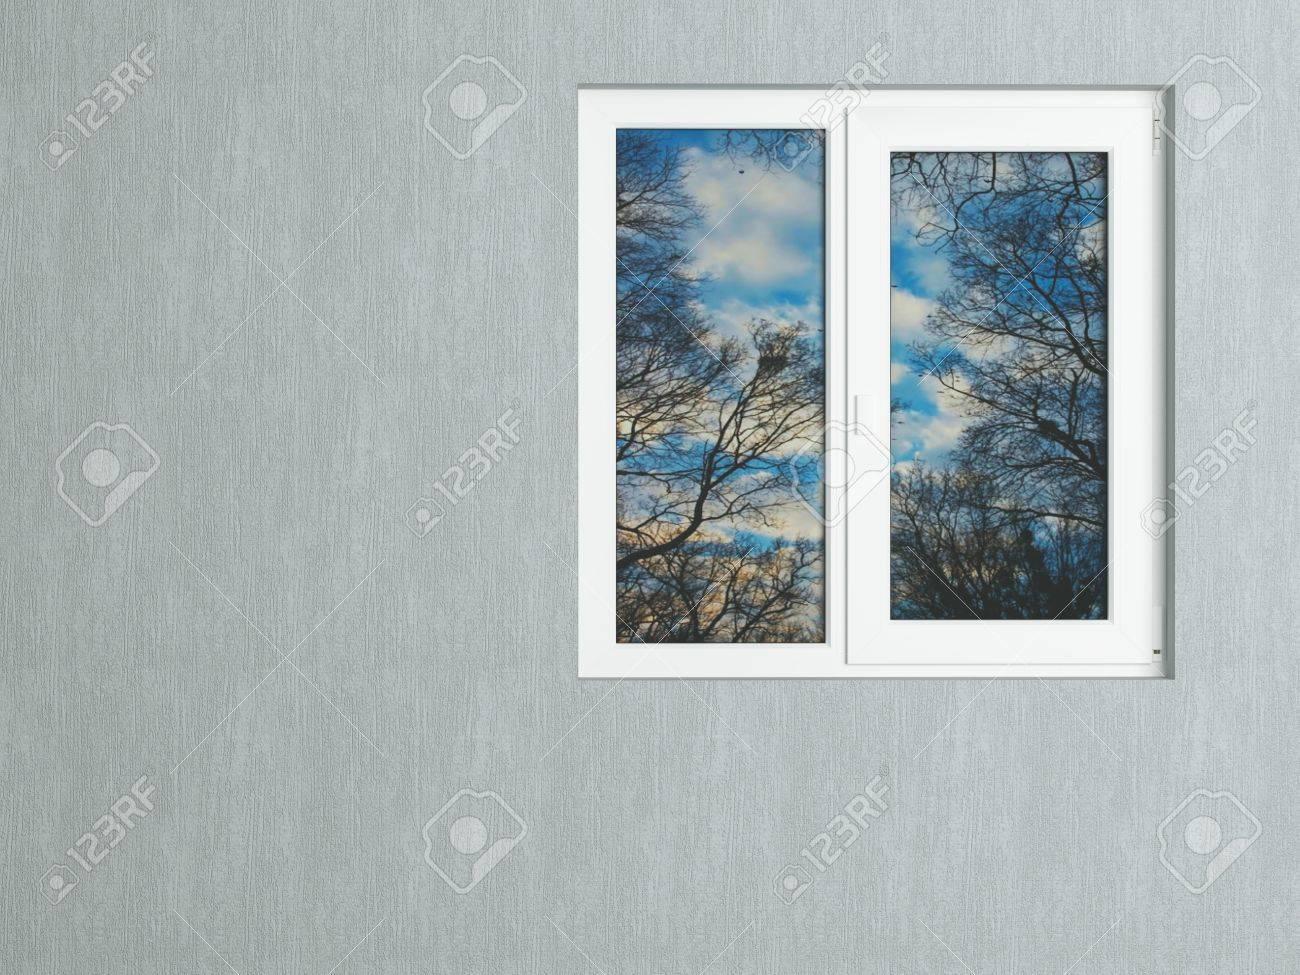 Attraktiv Graue Wand Und Weiße Fenster Spiegelt Die Natur. Haus Außen. Standard Bild